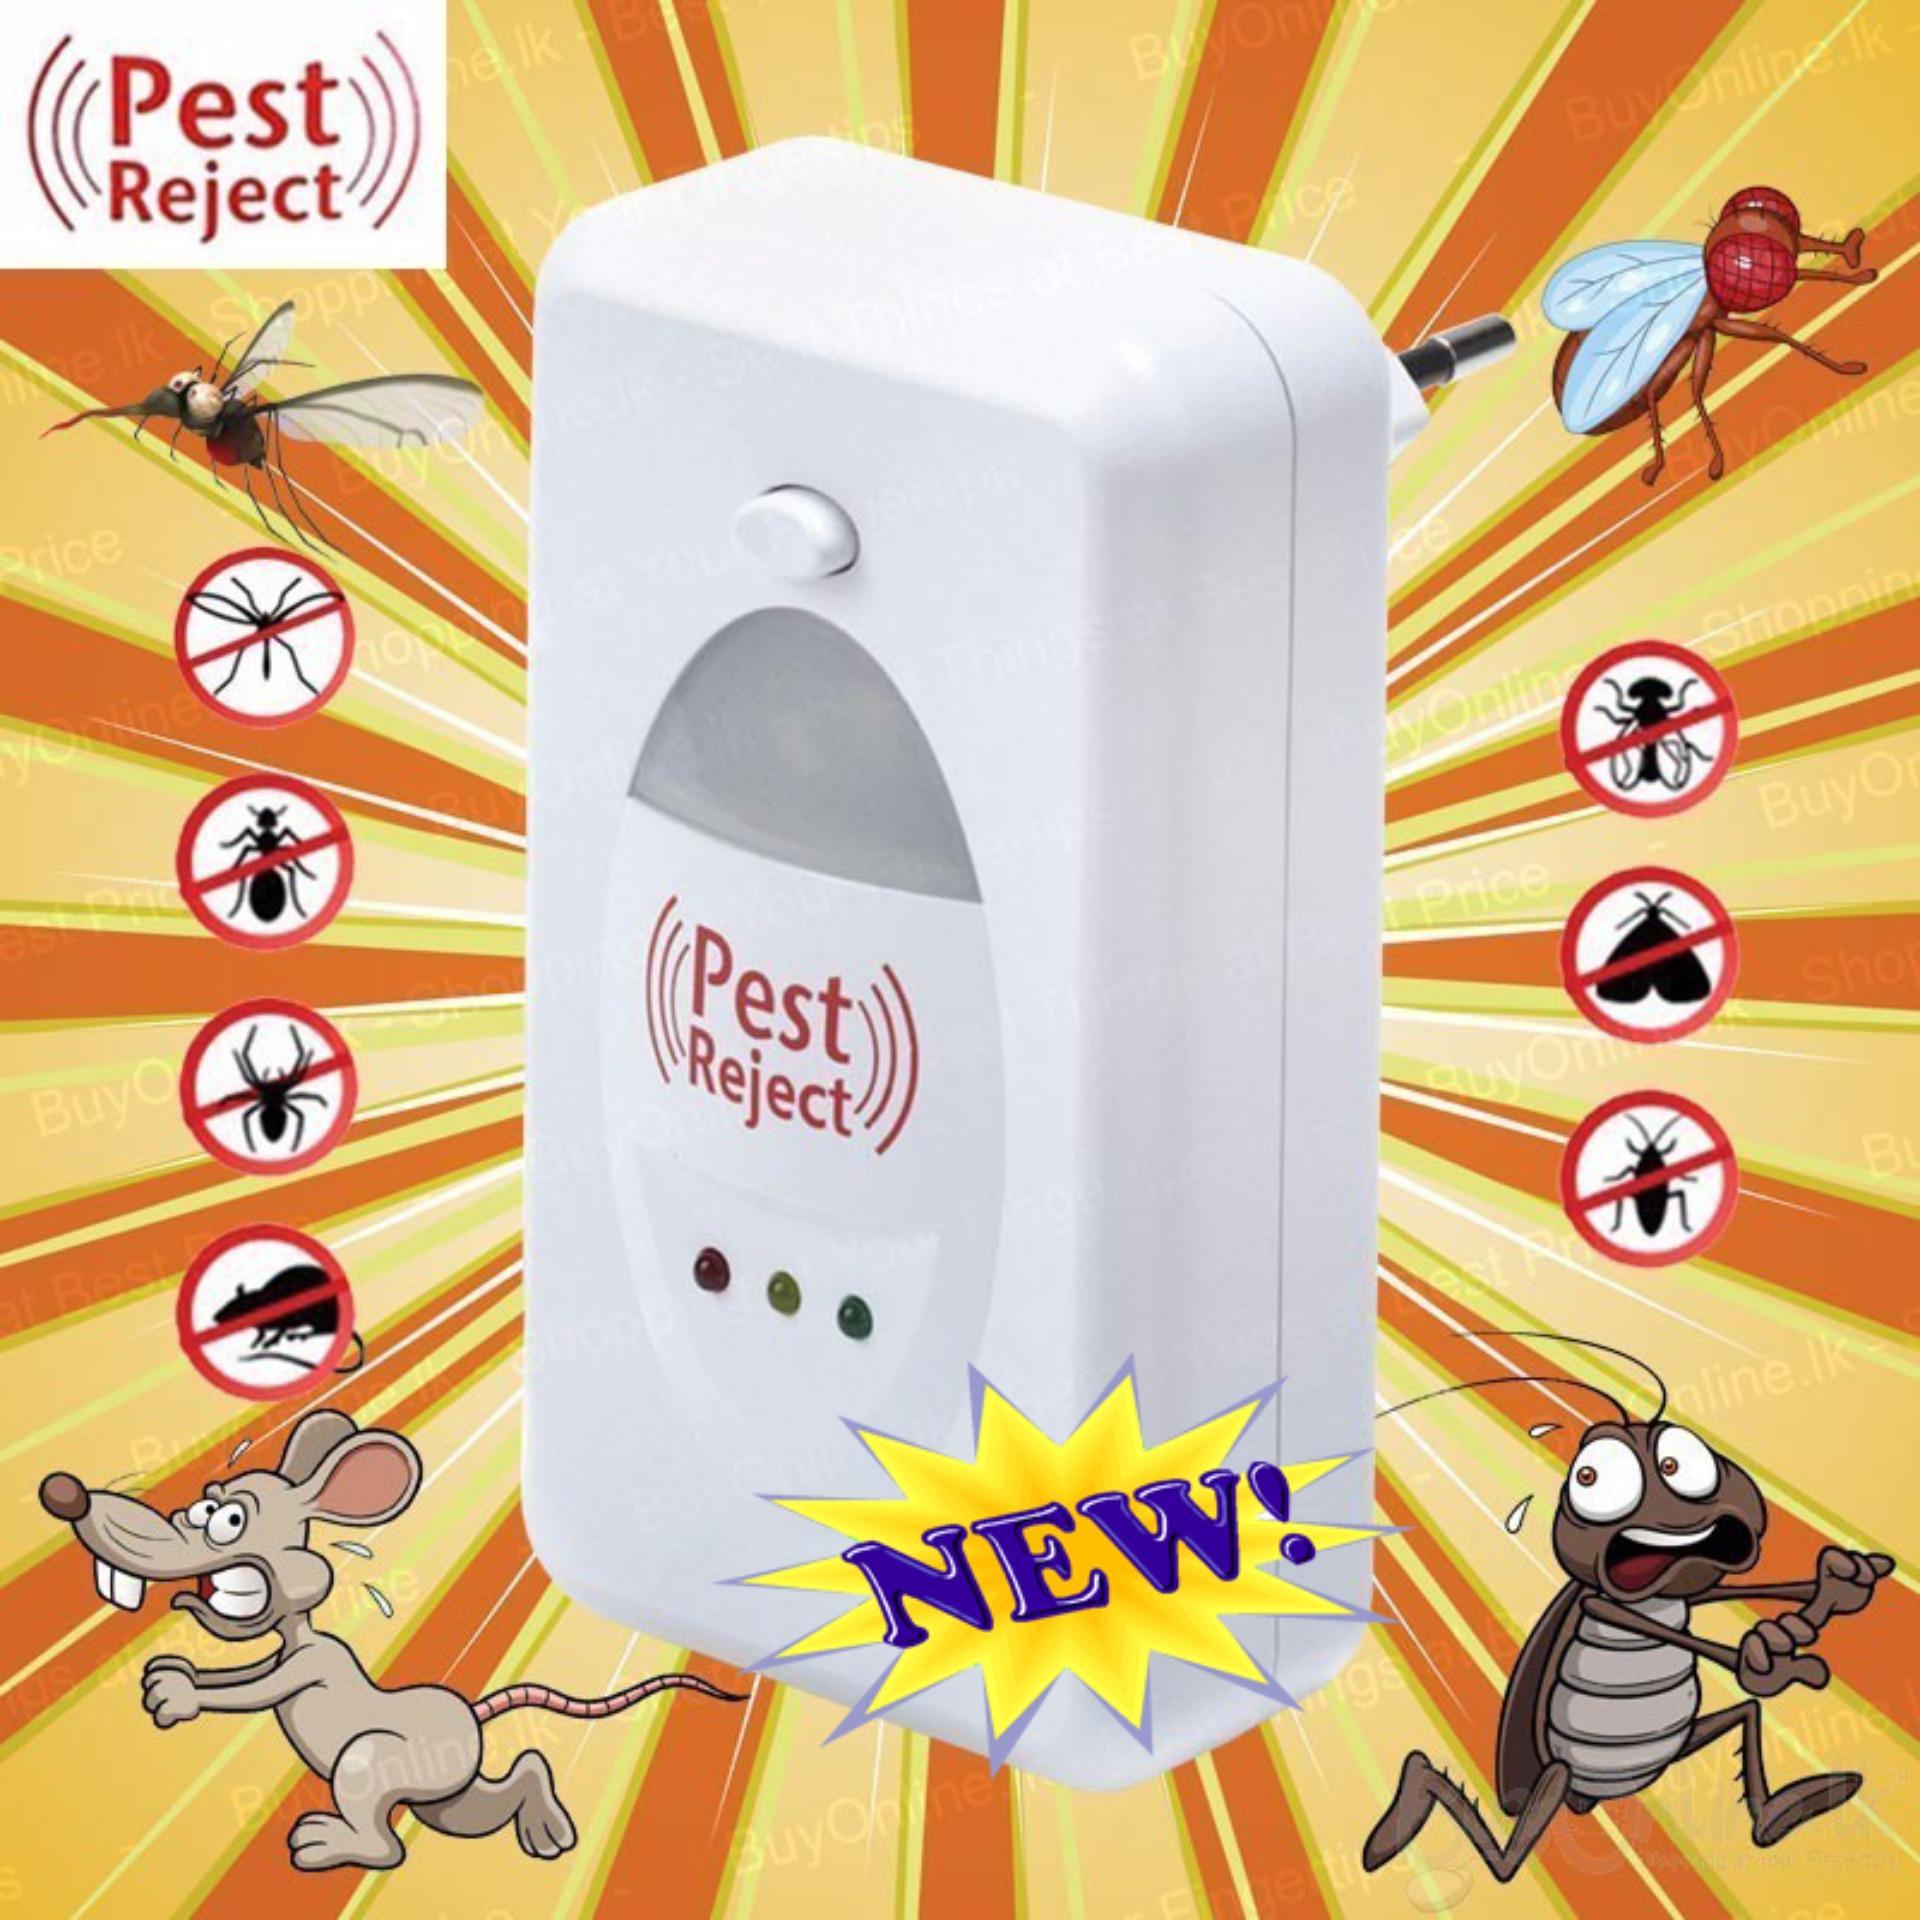 Máy Đuổi Muỗi Côn Trùng Pest Reject Cao Cấp, Đuổi Muỗi Diệt Côn Trùng Bằng Sóng Âm, Hiệu Quả, Không Gây Hại Cho Sức Khỏe, Bh Uy Tín 1 Đổi 1 Bởi Kingtech